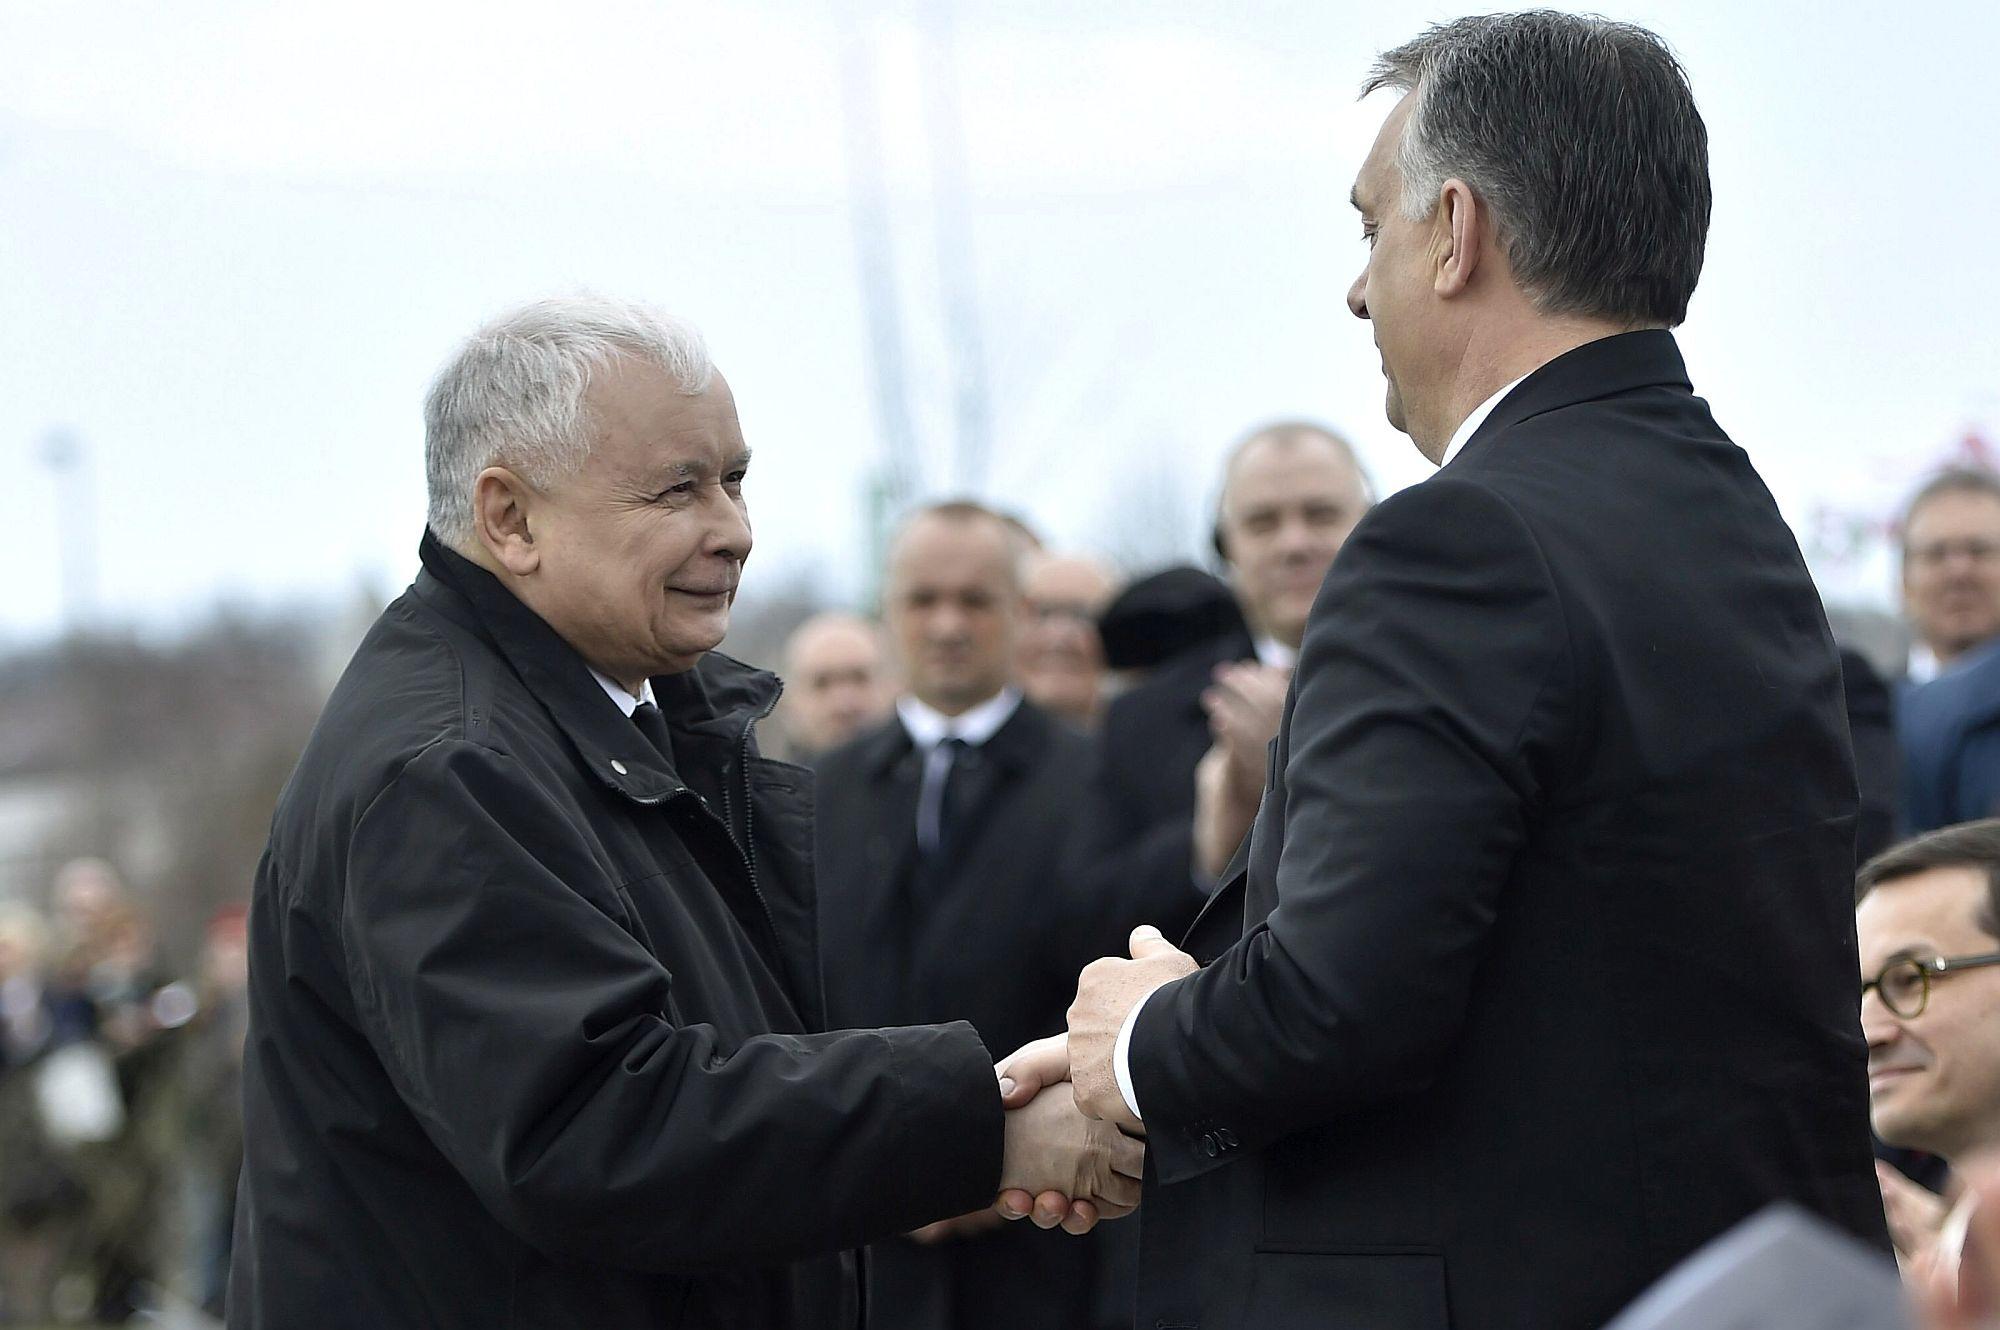 Kaczyński visszafogta magát, nem kezdett el gyilkosozni, viszont agyba-főbe dicsérte Orbánt